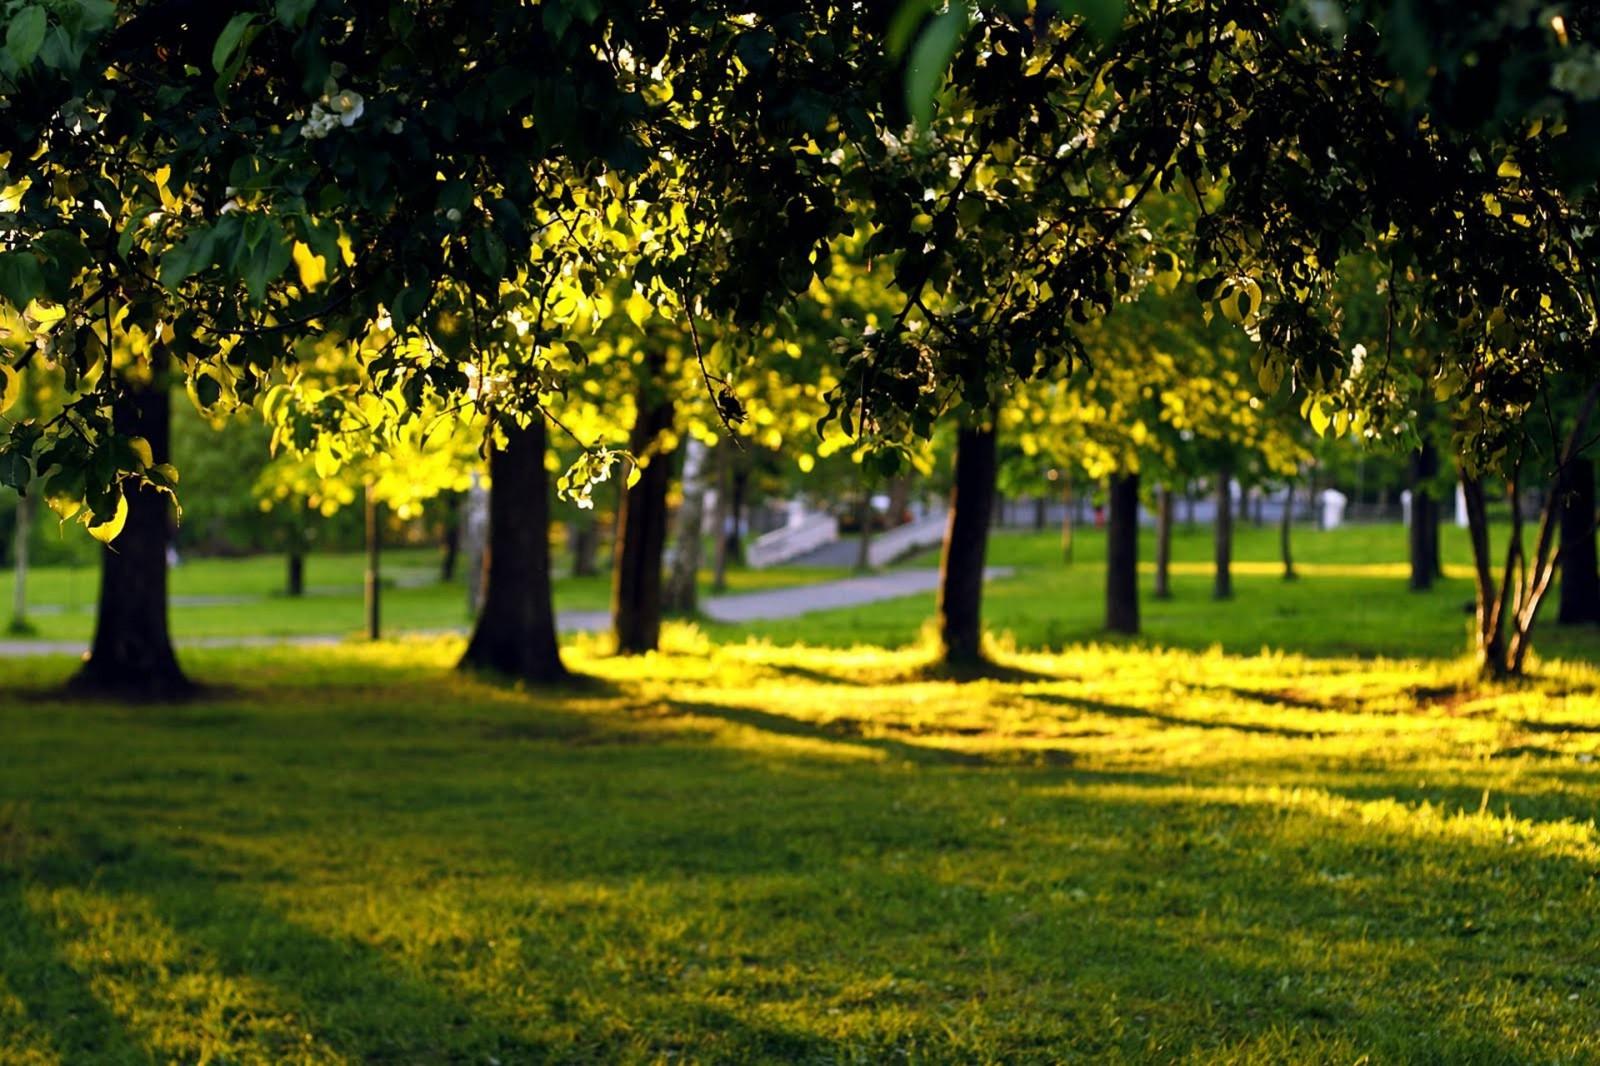 Ảnh phong cảnh đẹp với bãi cỏ xanh và cây che bóng mát